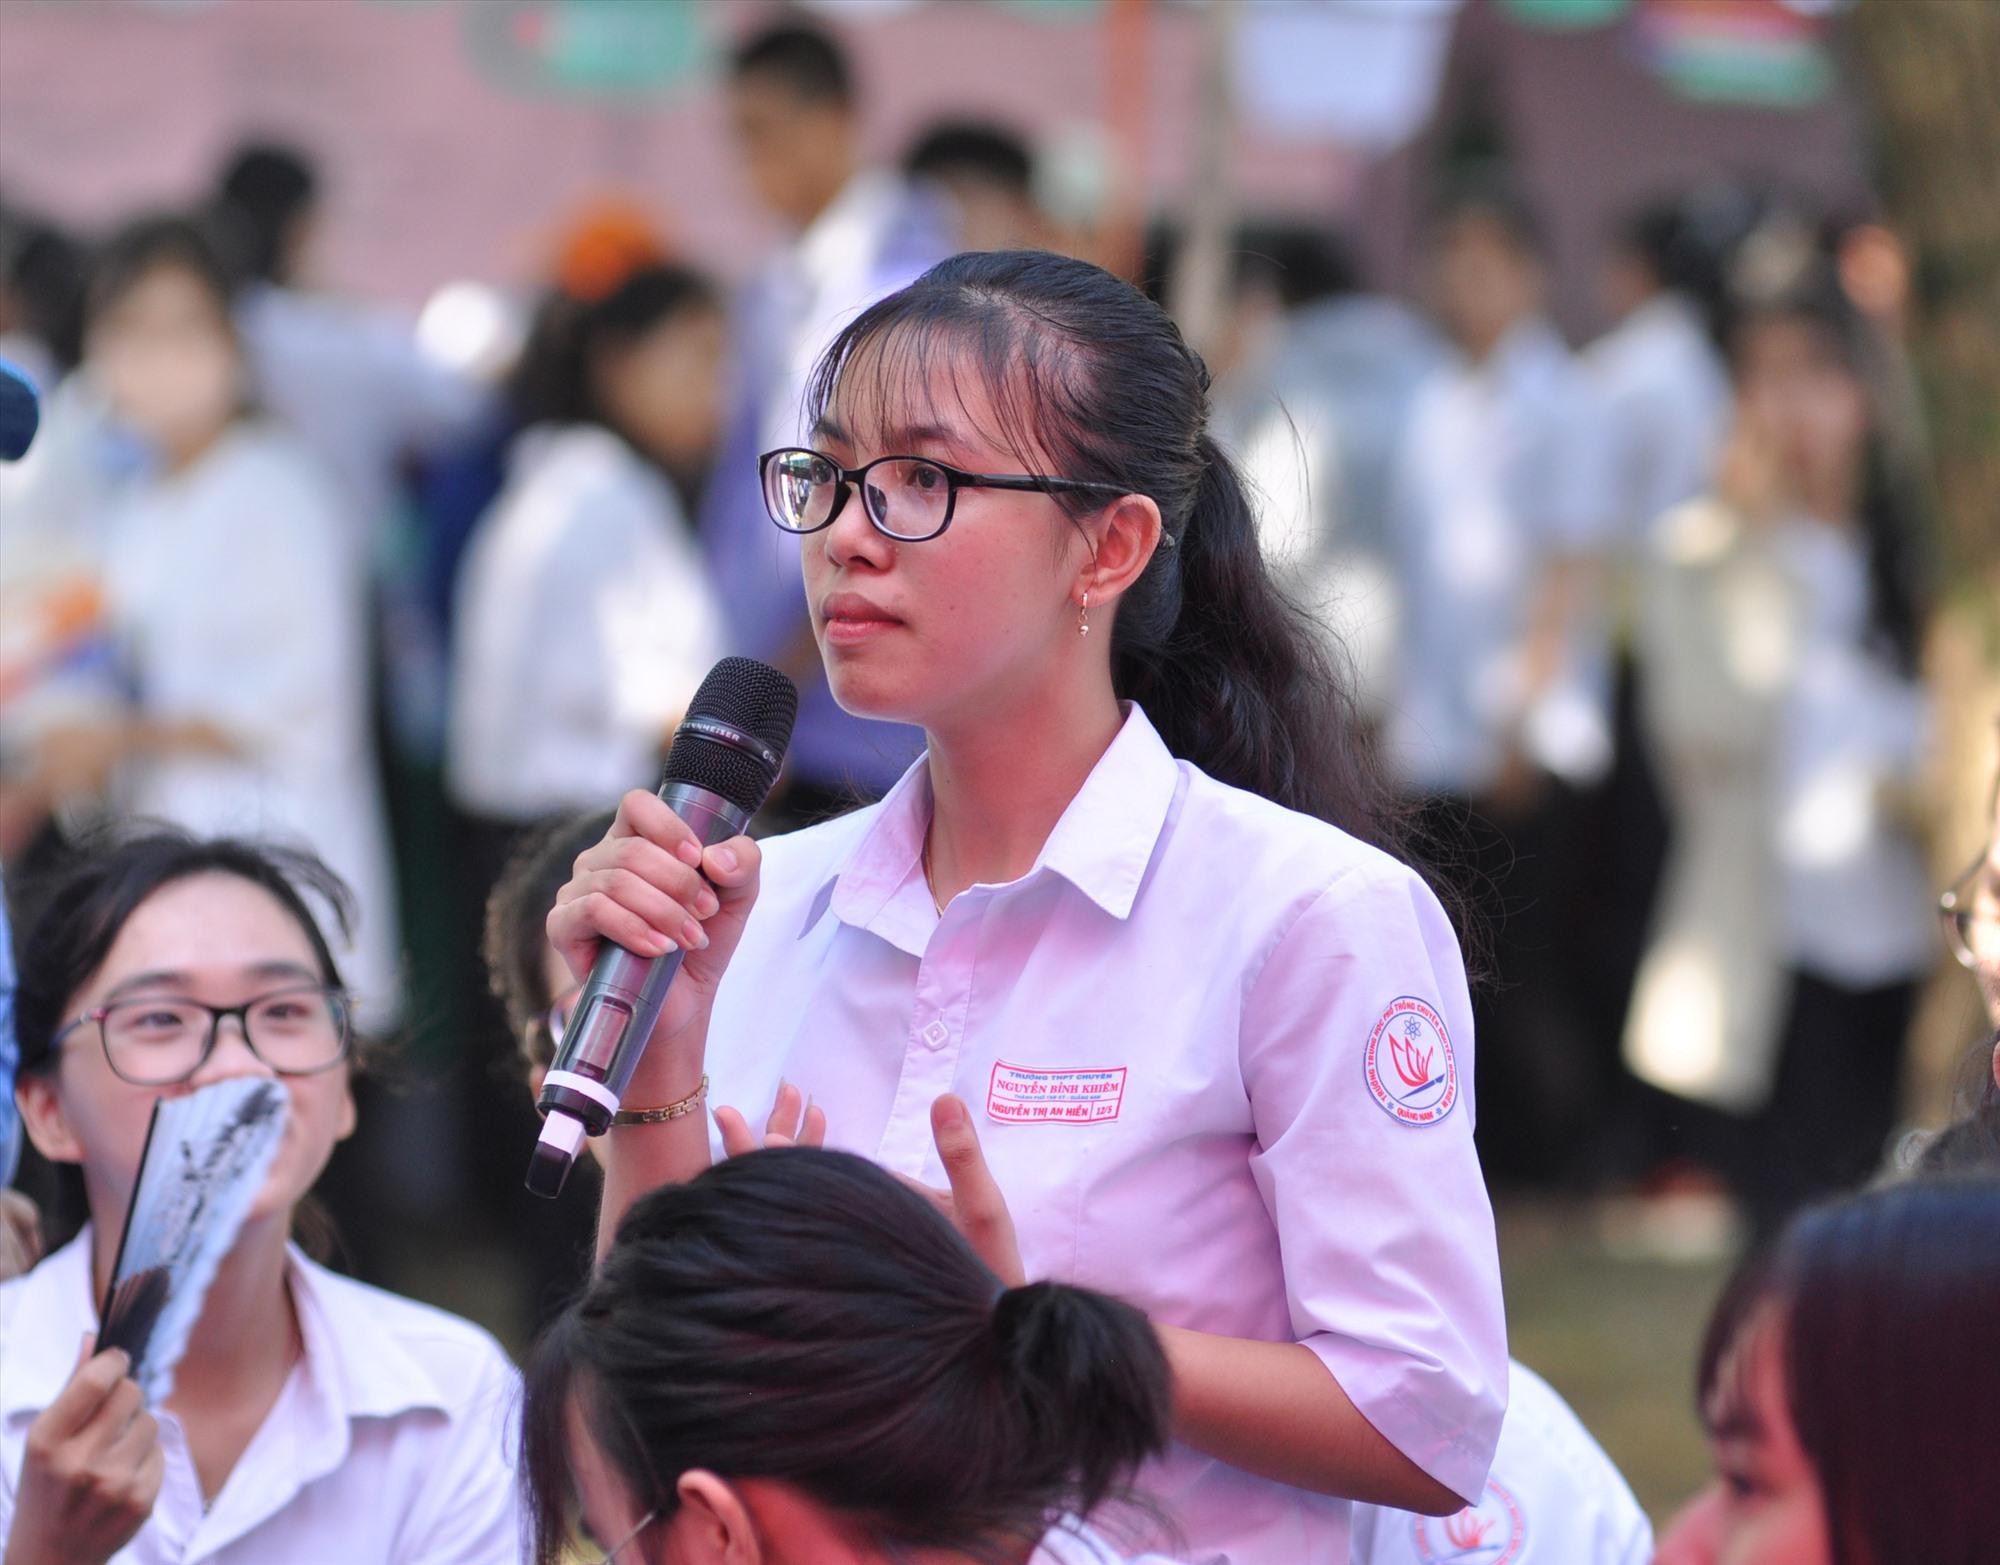 Ngành GD-ĐT phối hợp với Báo Tuổi Trẻ tổ chức tư vấn tuyển sinh thu hút khá đông học sinh các trường tại Tam Kỳ và các địa phương lân cận. Ảnh: X.P